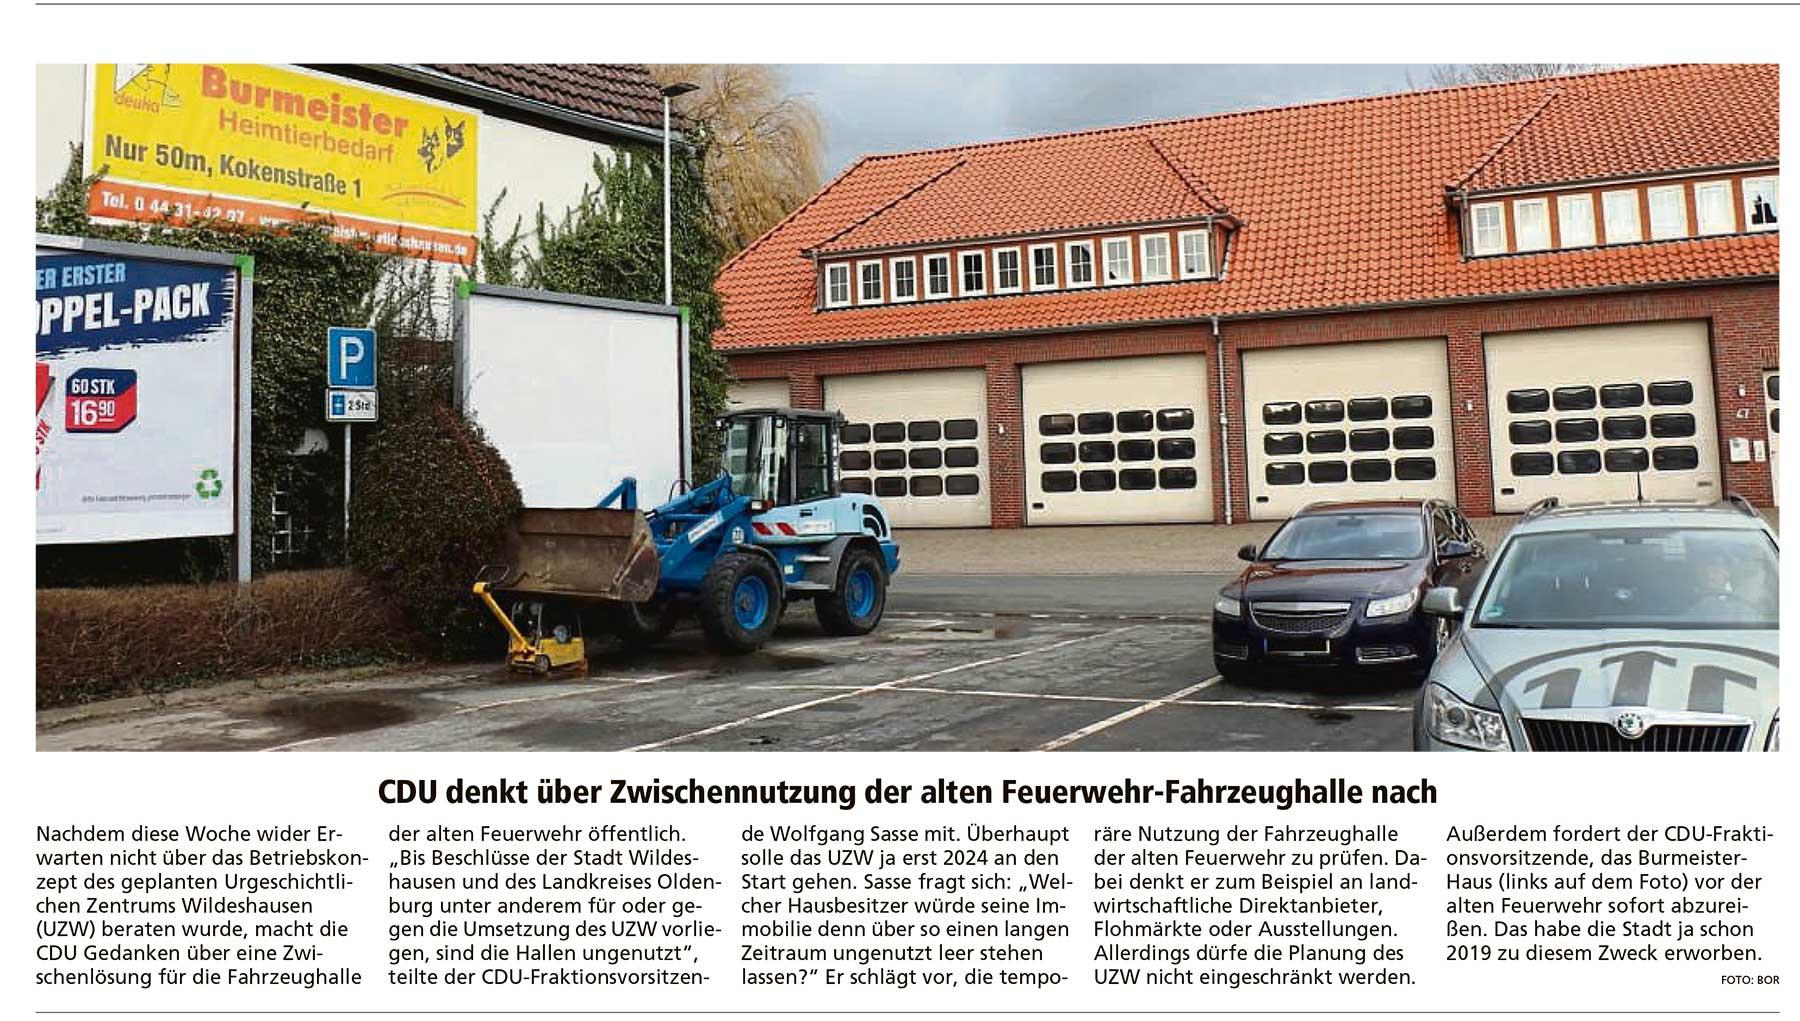 CDU denkt über Zwischennutzung der alten Feuerwehr-Fahrzeughalle nachUZW: Nachdem diese Woche wider Erwarten nicht über das Betriebskonzept...Artikel vom 13.03.2021 (WZ)